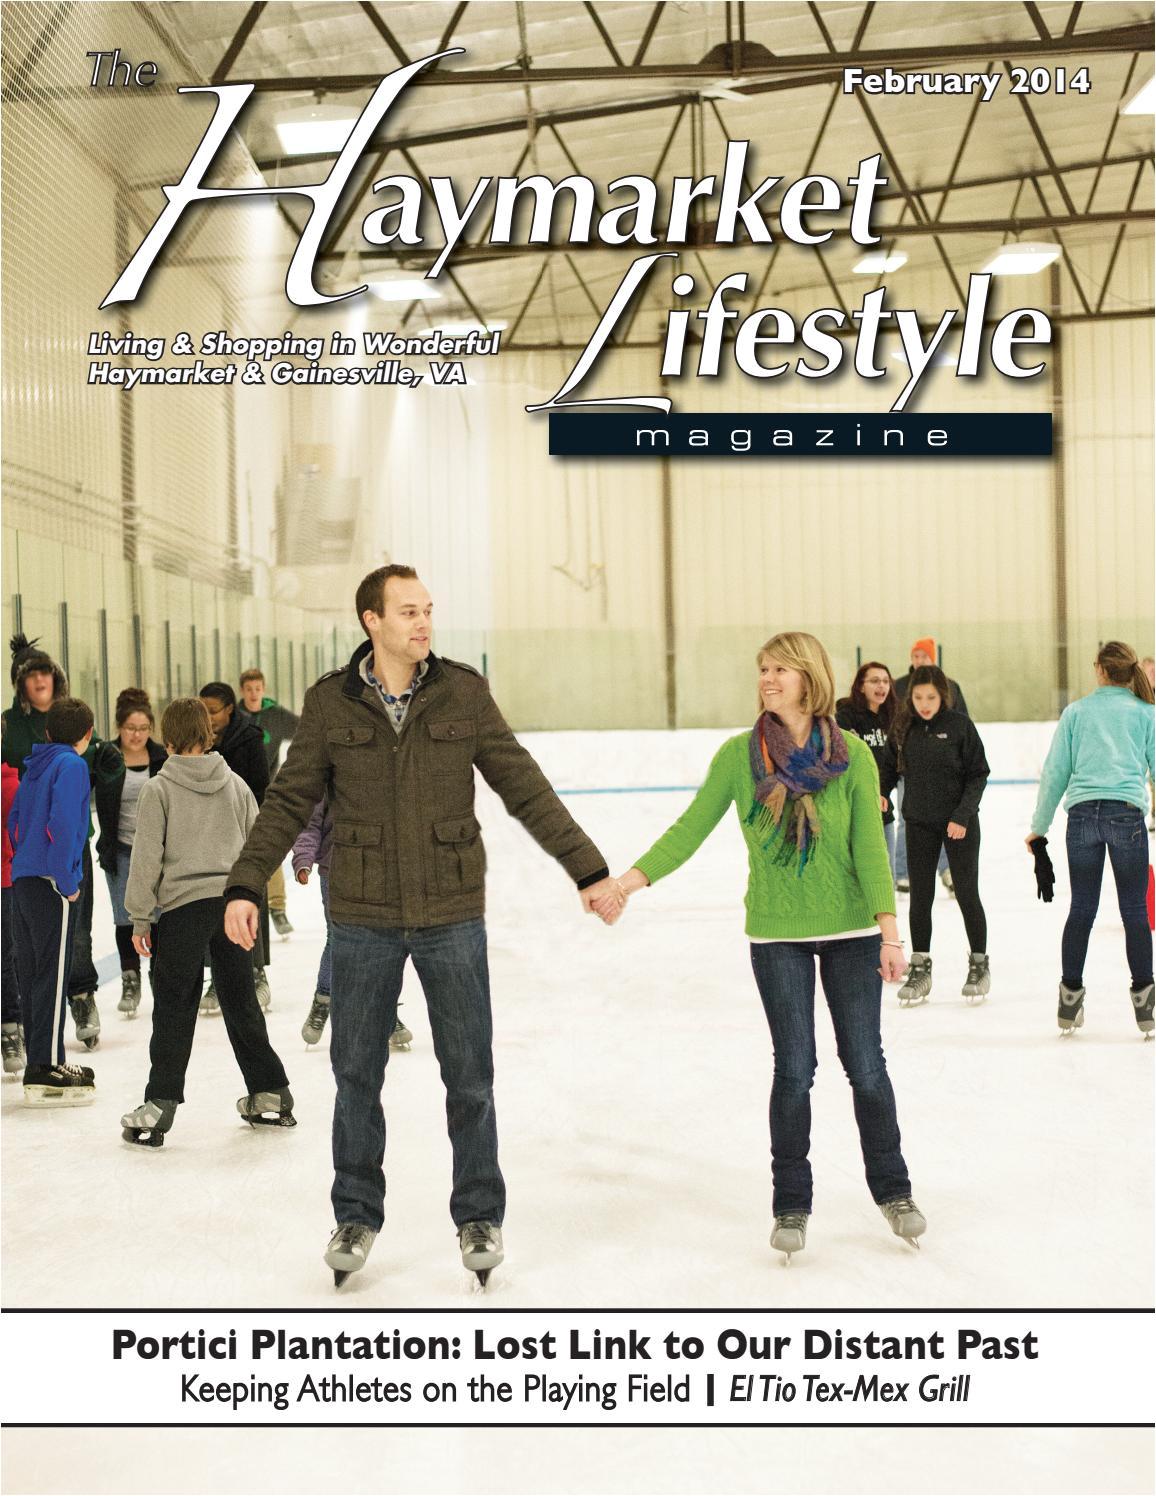 haymarket lifestyle magazine february 2014 by piedmont publishing group issuu